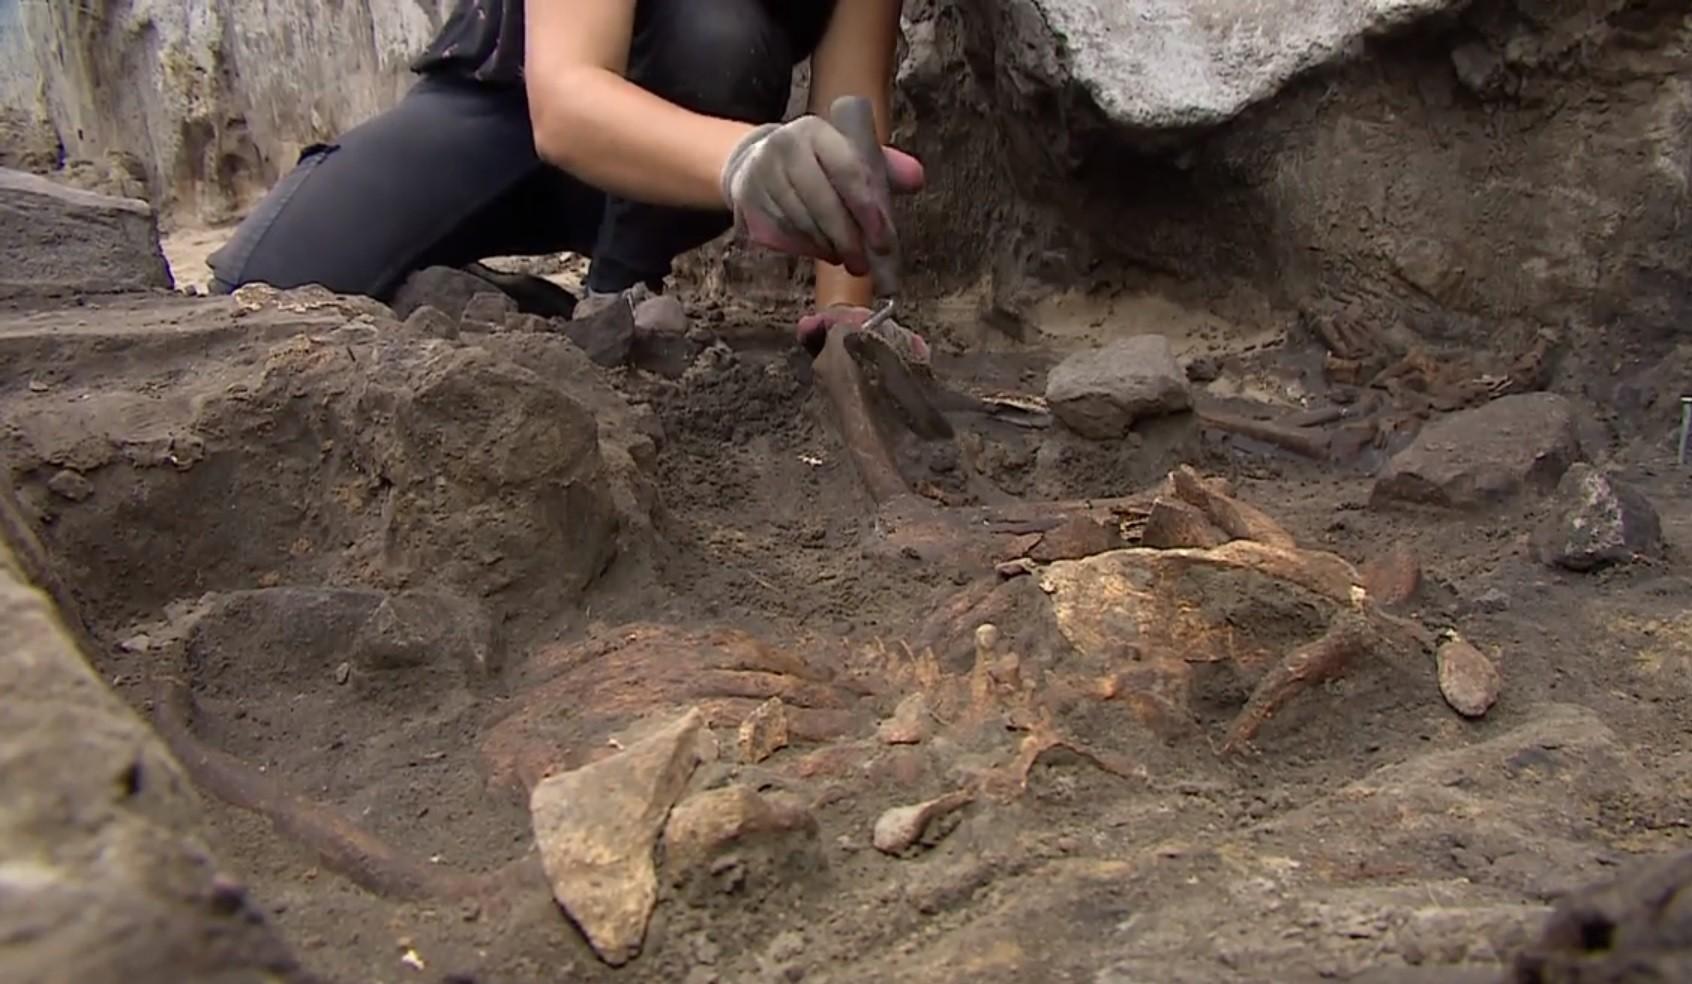 hybrydy, archeologów odkrycie wielkie